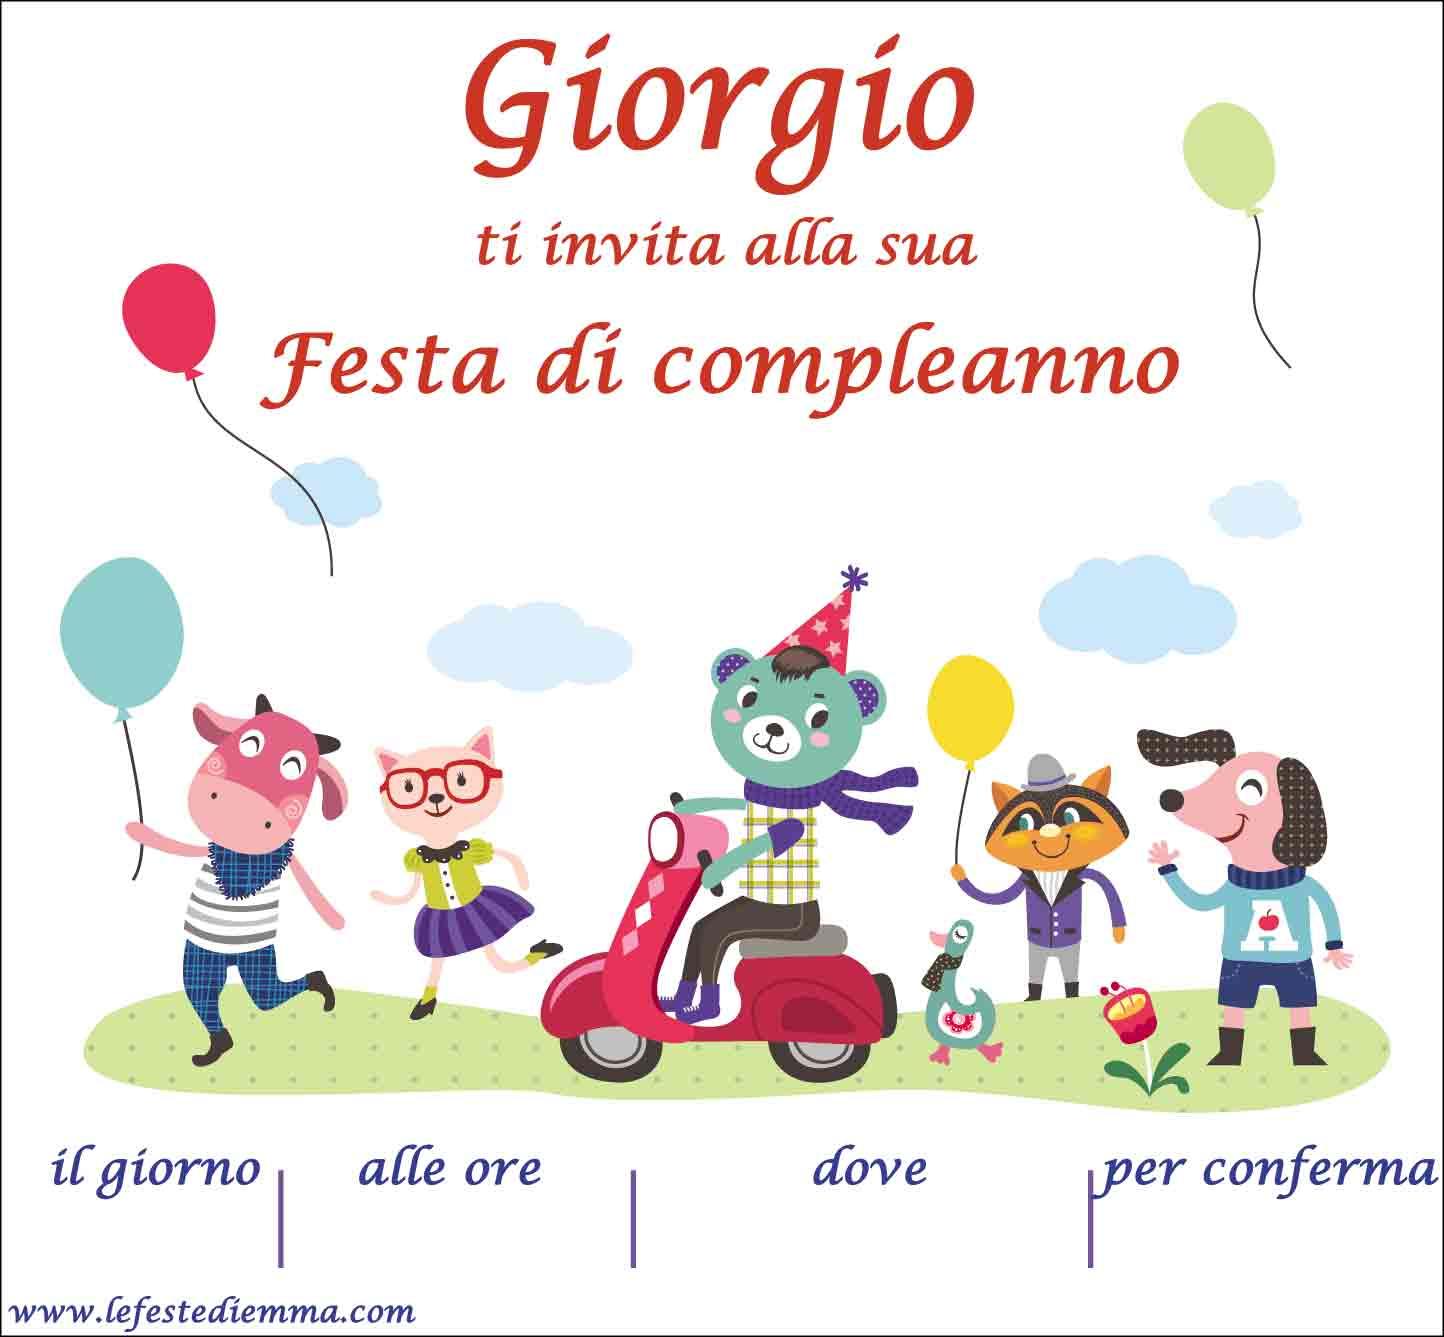 Inviti Di Compleanno Gratis Giorgio Buon Compleanno